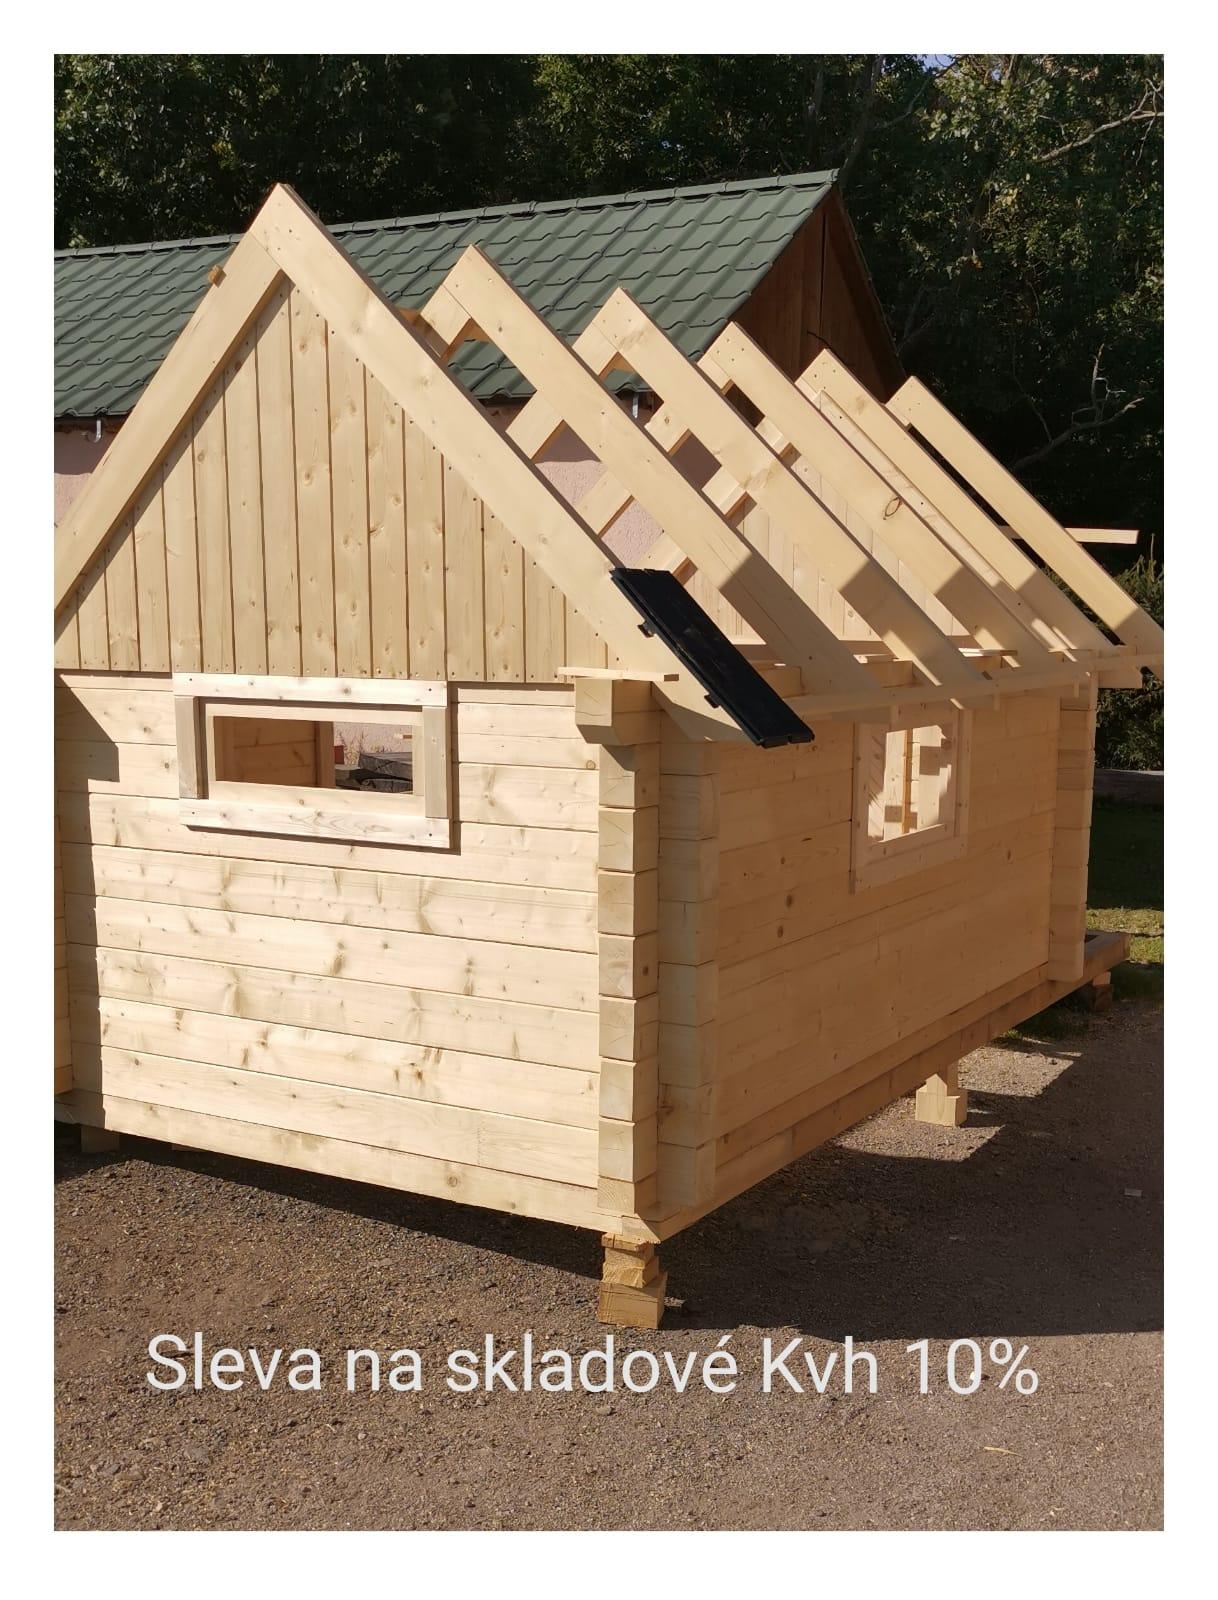 Stavíme ze dřeva